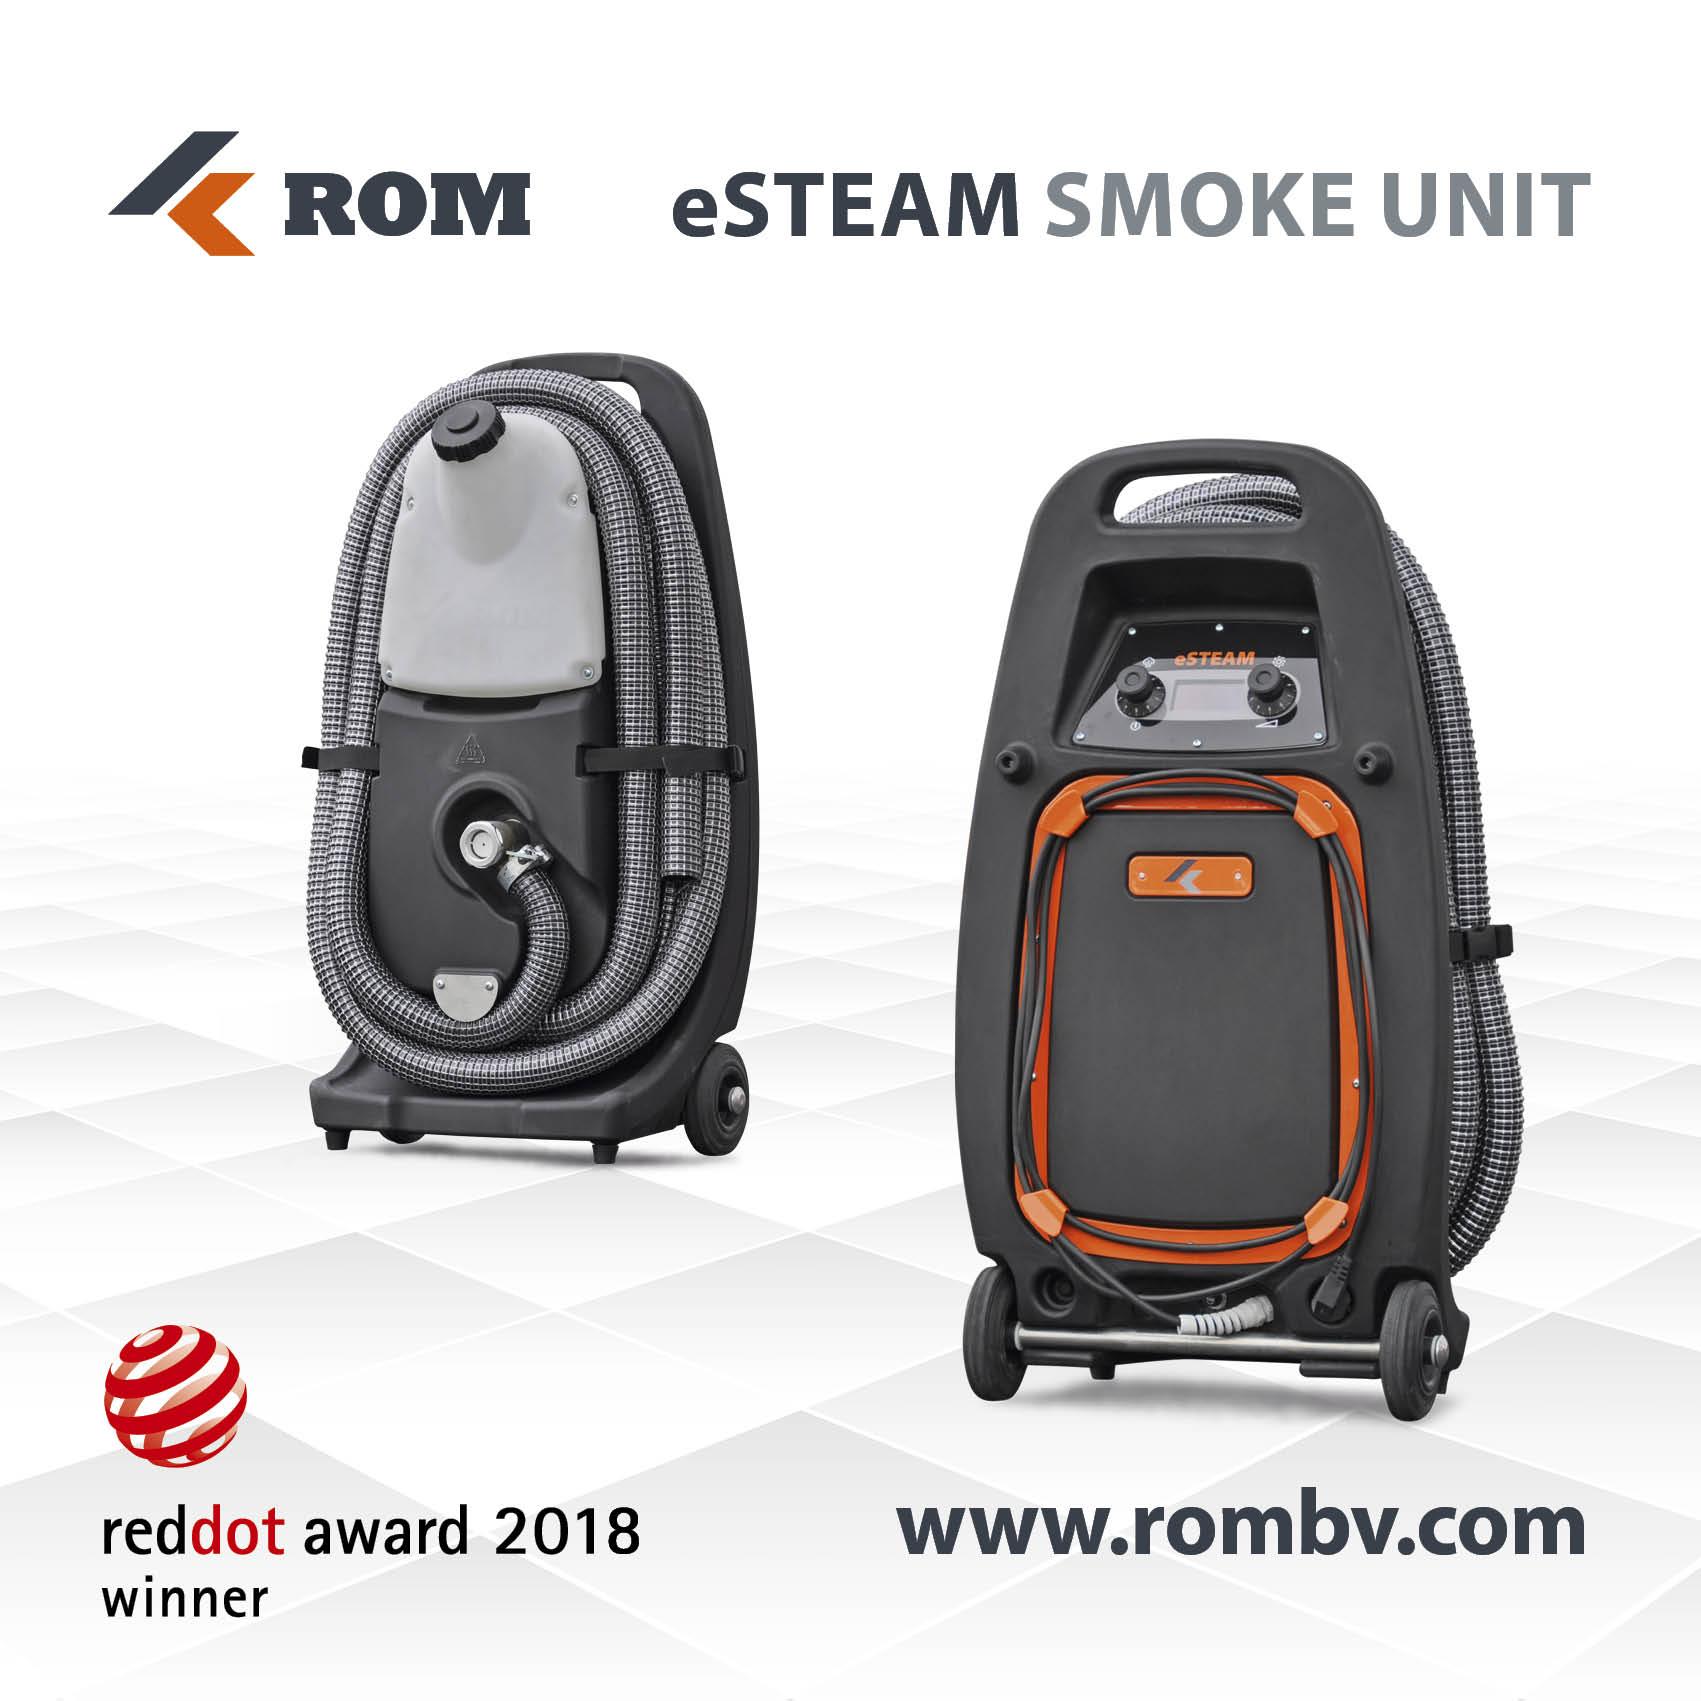 rom-world.com